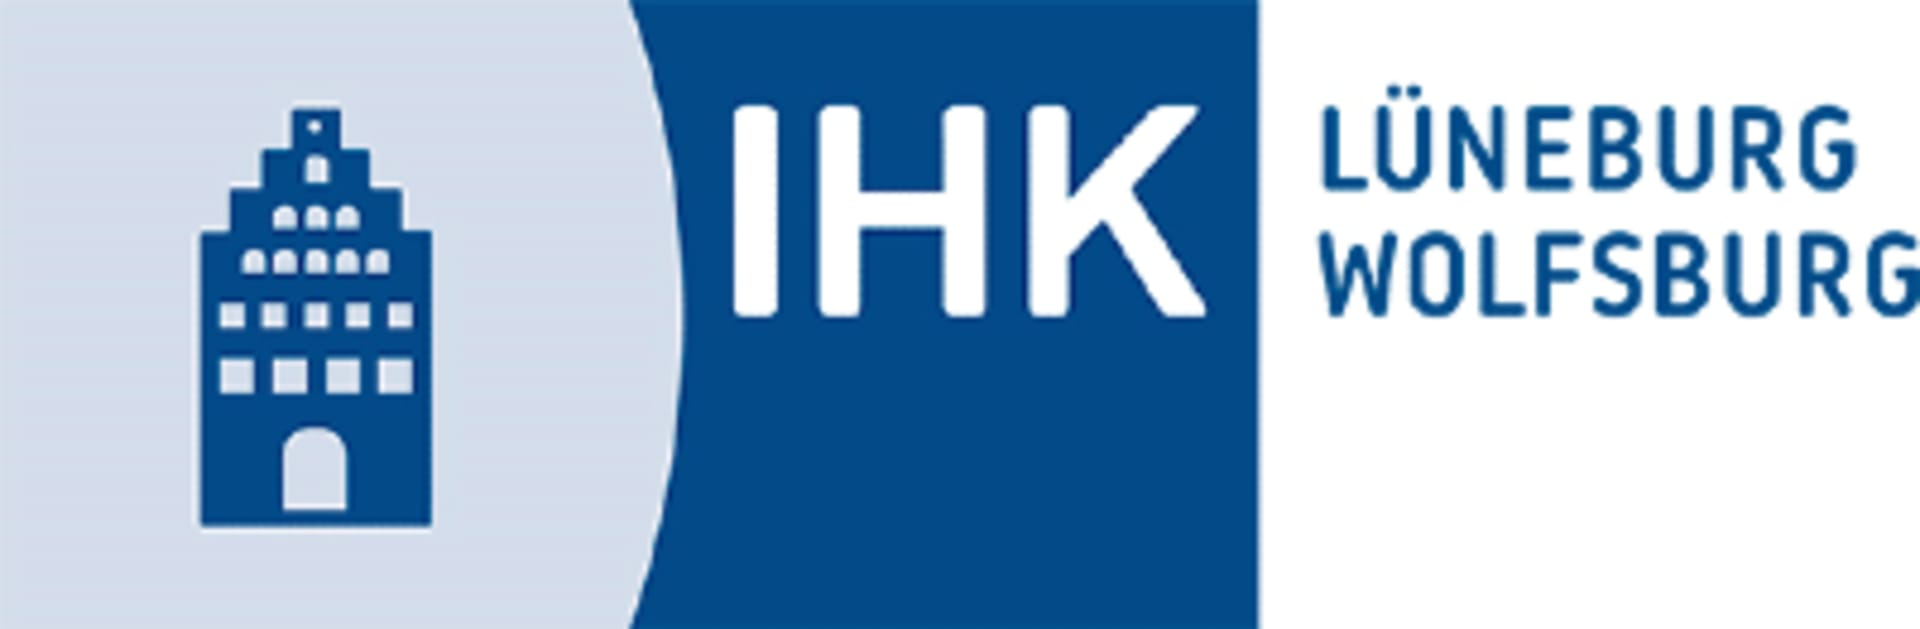 shows the logo from the company Industrie- und Handelskammer Lüneburg-Wolfsburg (IHK)